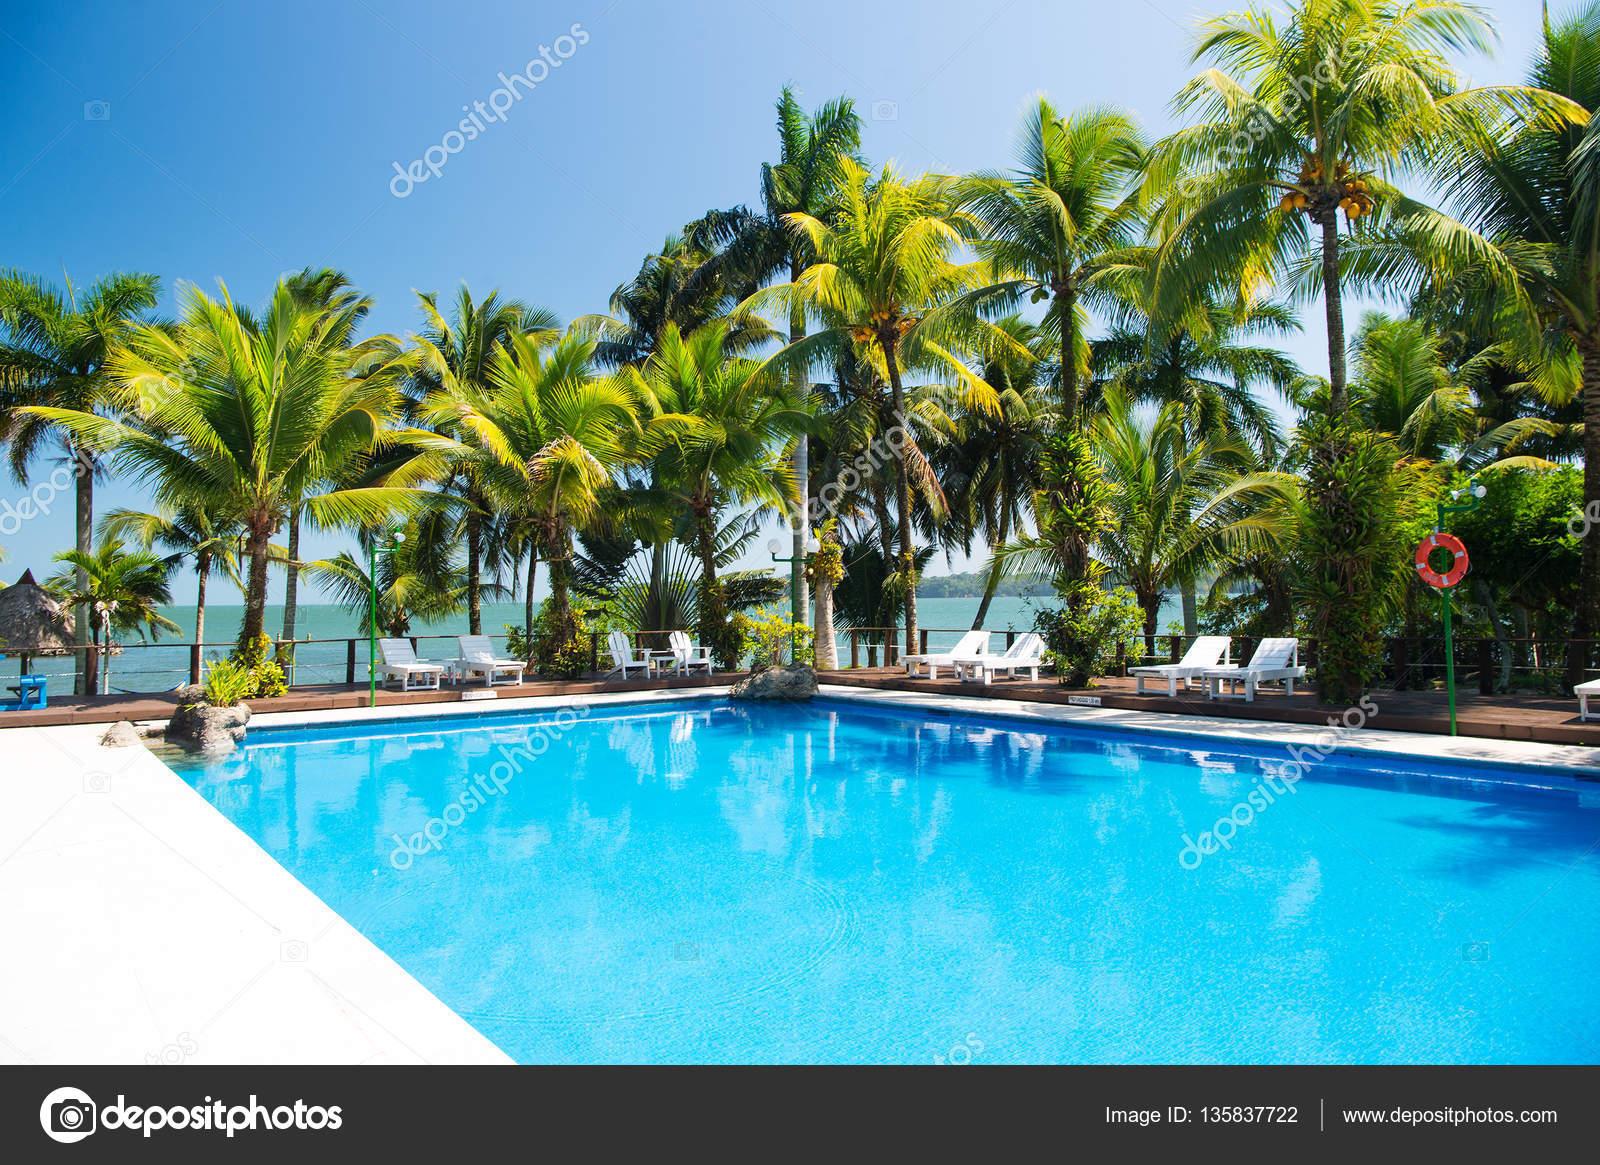 Acqua piscina e alberi di palma foto stock stetsik 135837722 - Acqua orecchie piscina ...